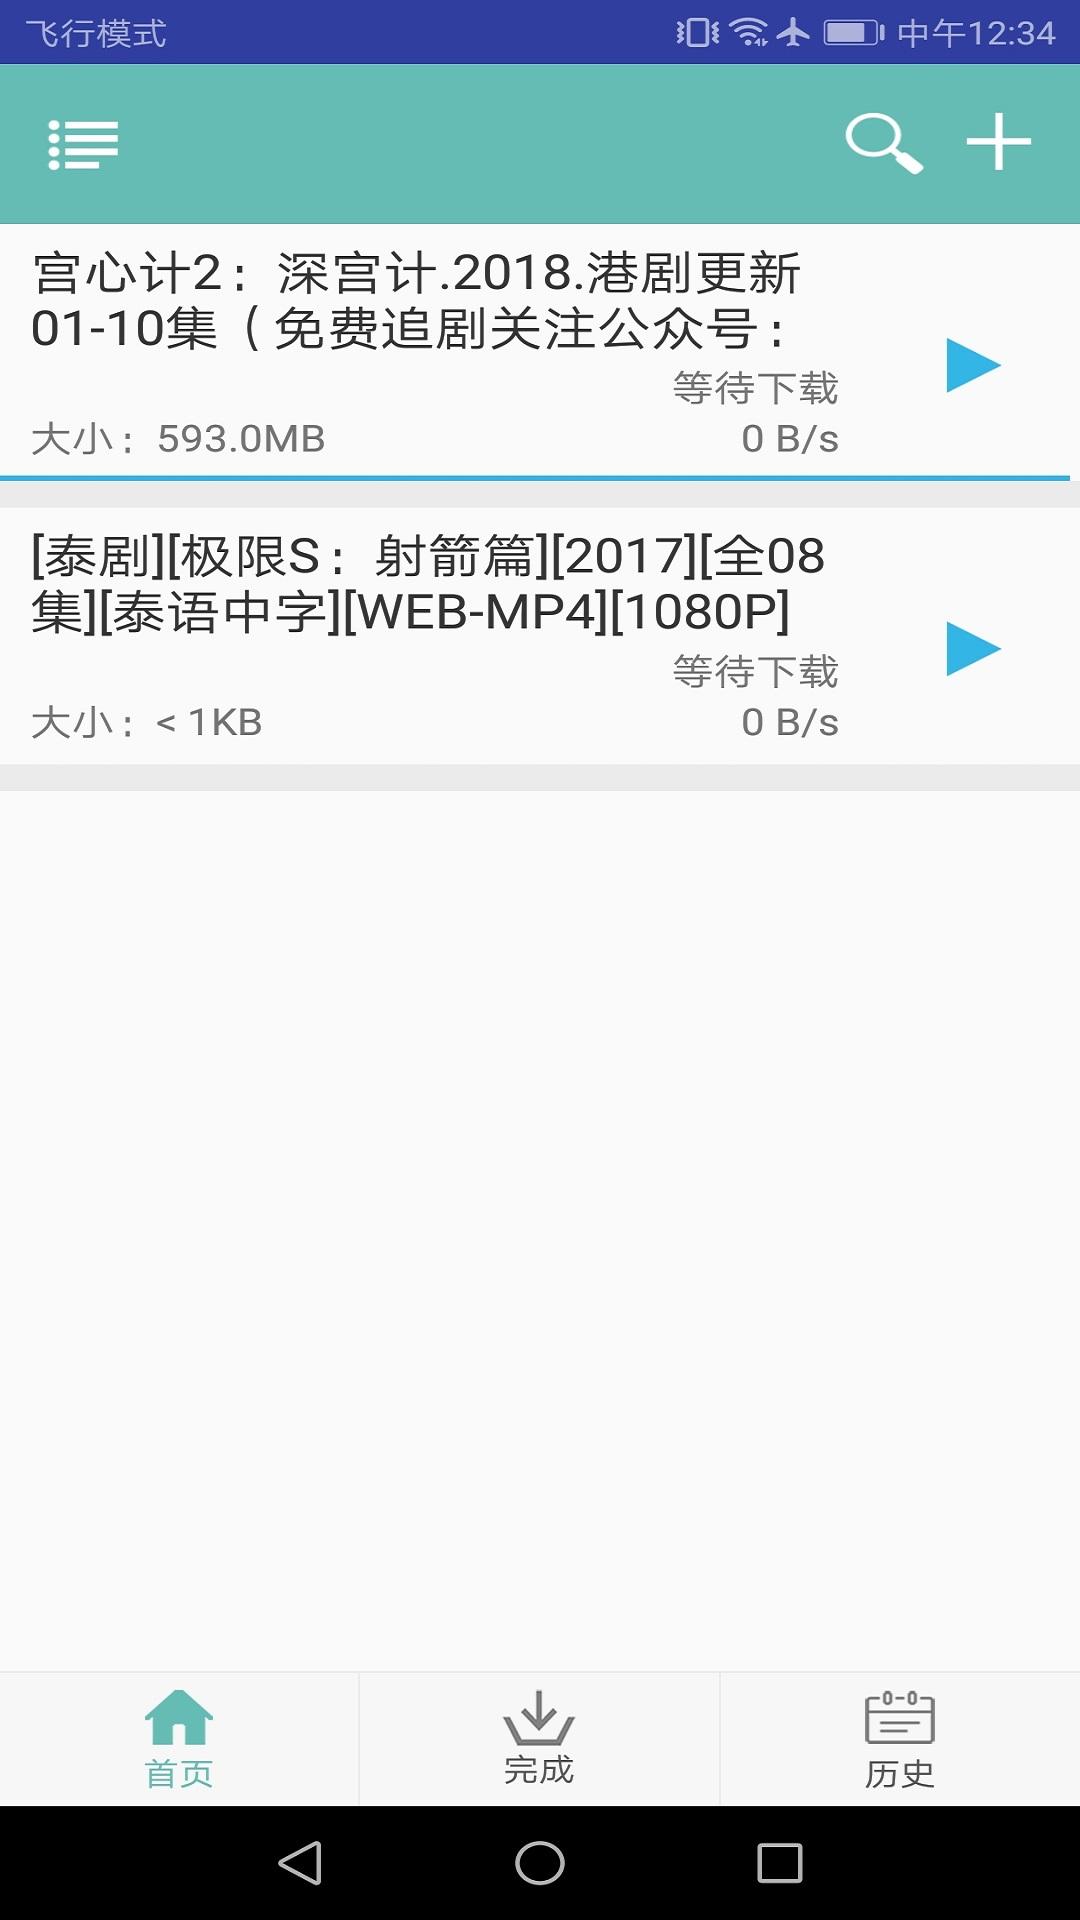 手机bt种子下载_疾风bt种子下载下载2019安卓最新版_手机app官方版免费安装下载